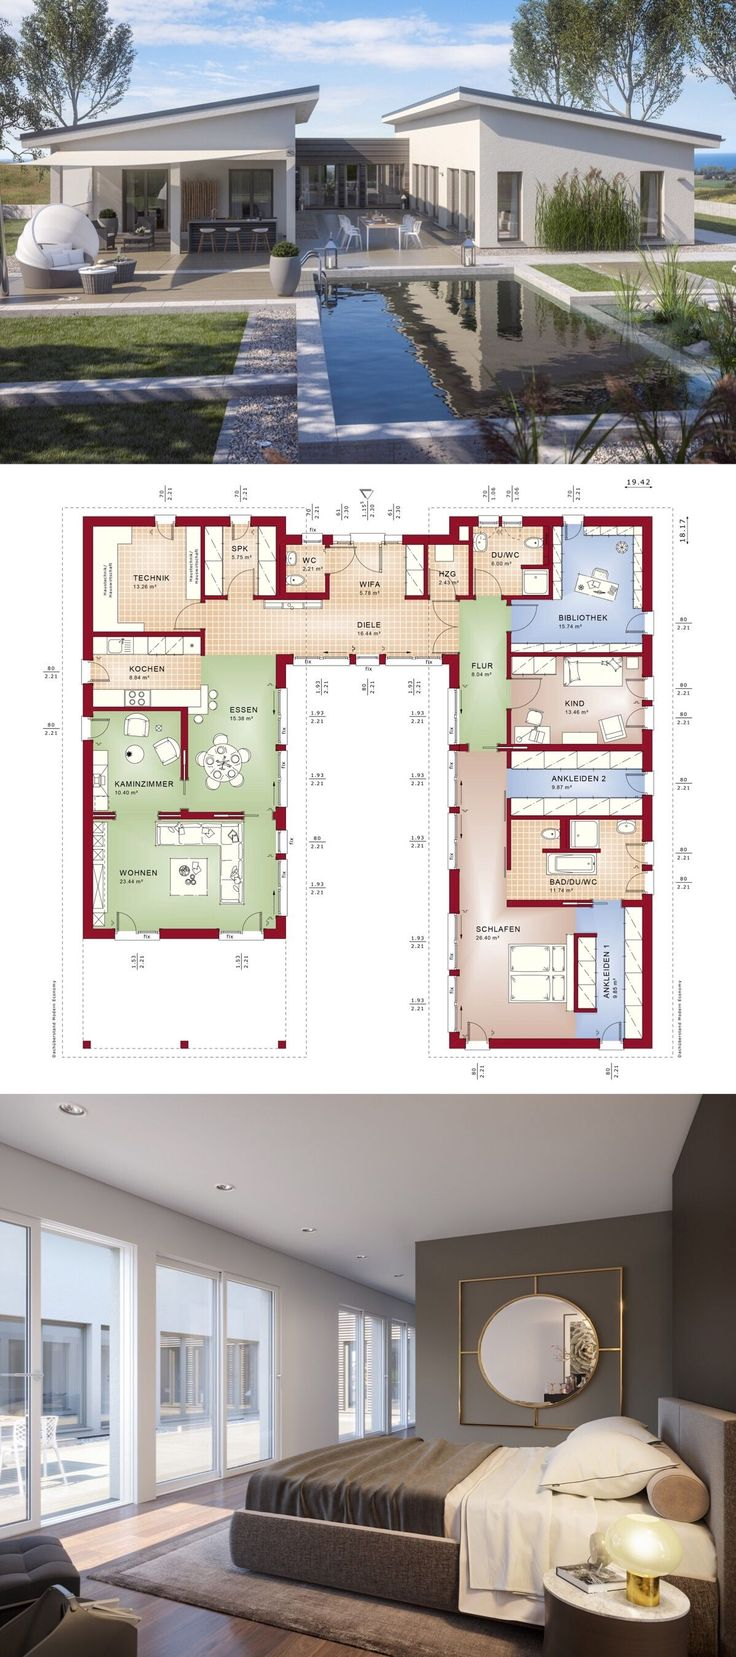 Bungalow Haus mit Pultdach & Innenhof, 6 Zimmer Grundriss ebenerdig mit Pool Terrasse, innen modern, offen – Einfamilienhaus eingeschossig bauen Ideen Fertighaus Winkelbungalow AMBIENCE 209 PD von Bien Zenker – HausbauDirekt.de